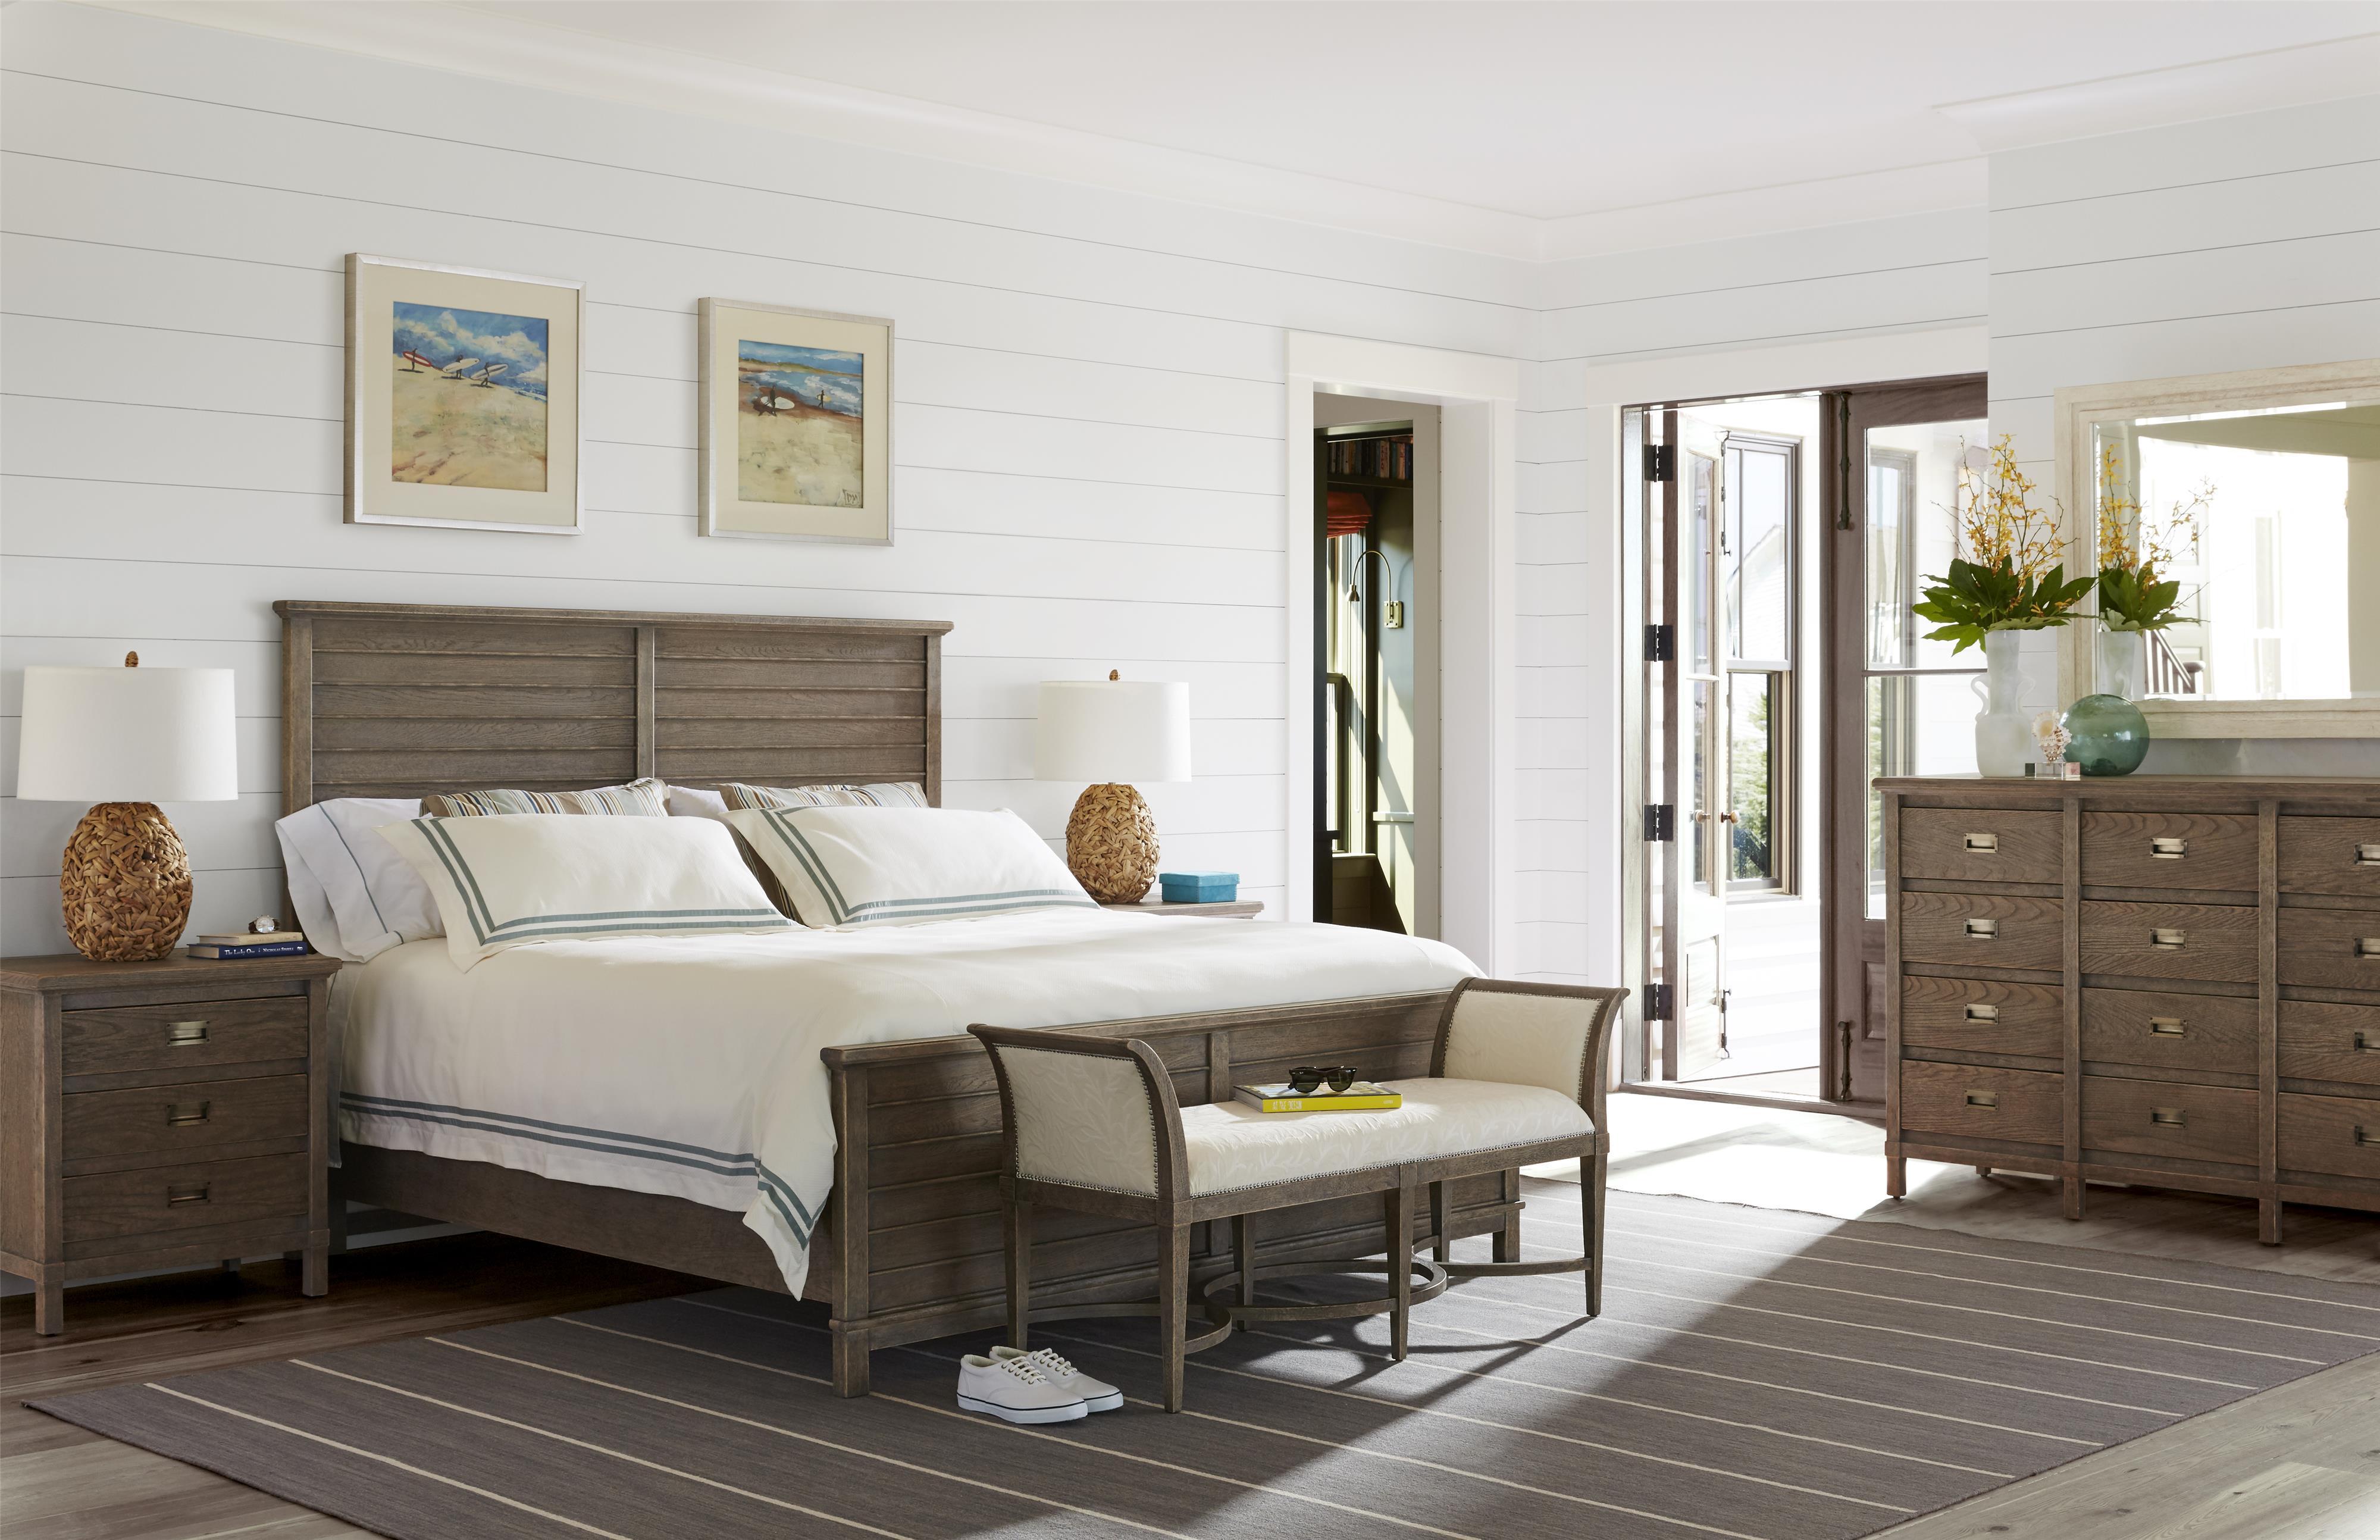 Stanley Furniture Coastal Living Resort King Bedroom Group - Hudsons ...